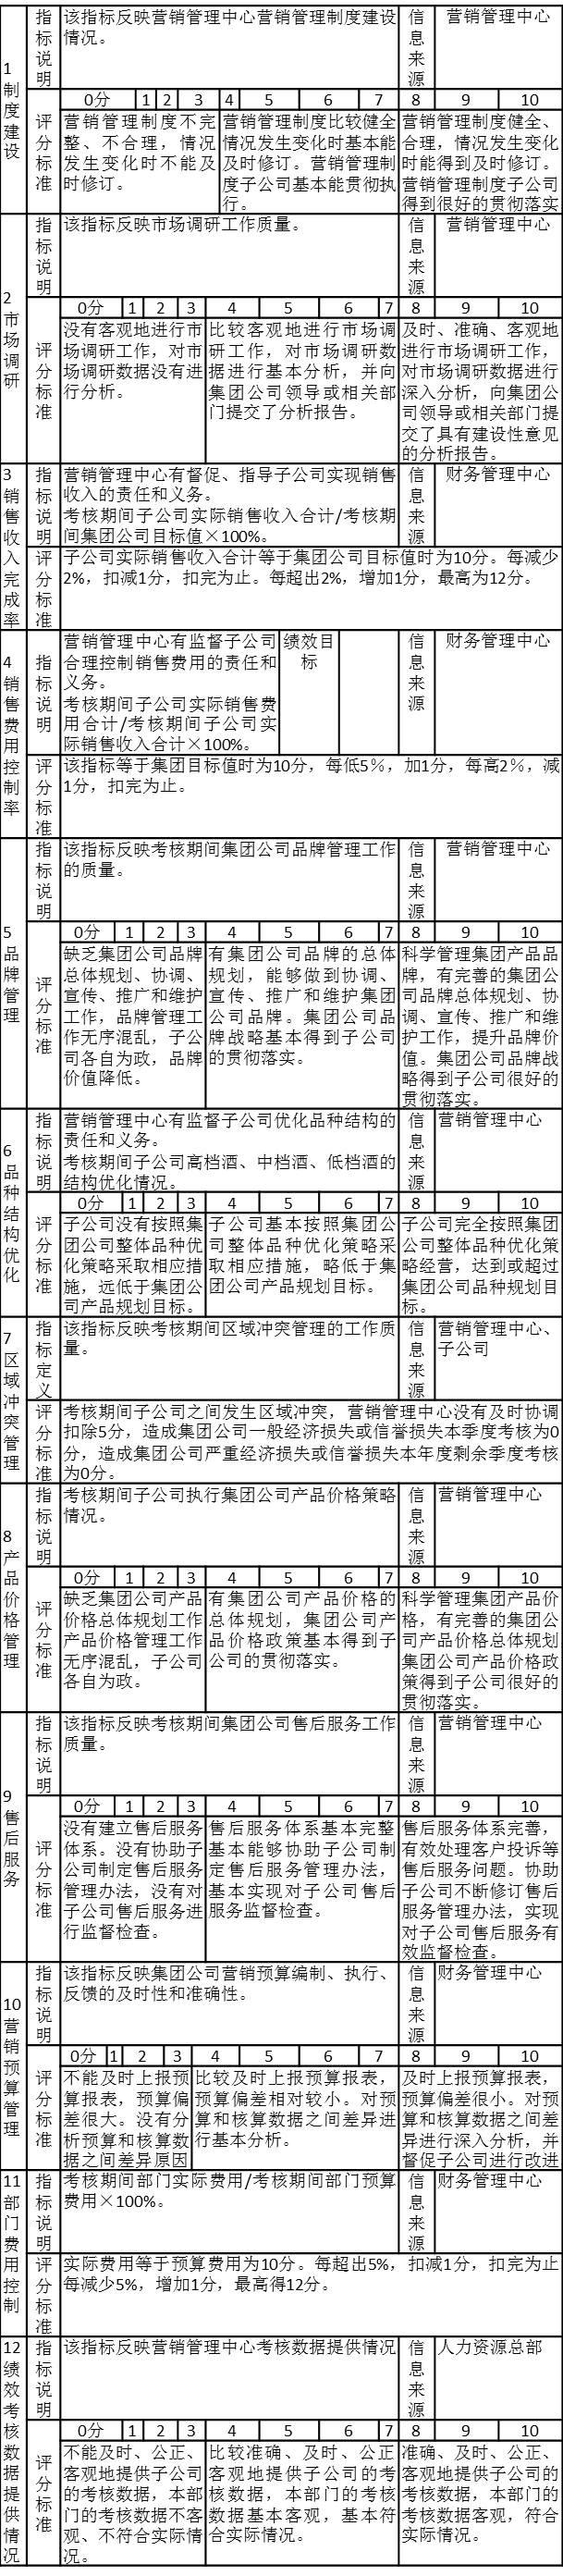 表3-16 营销管理总部季度绩效考核表